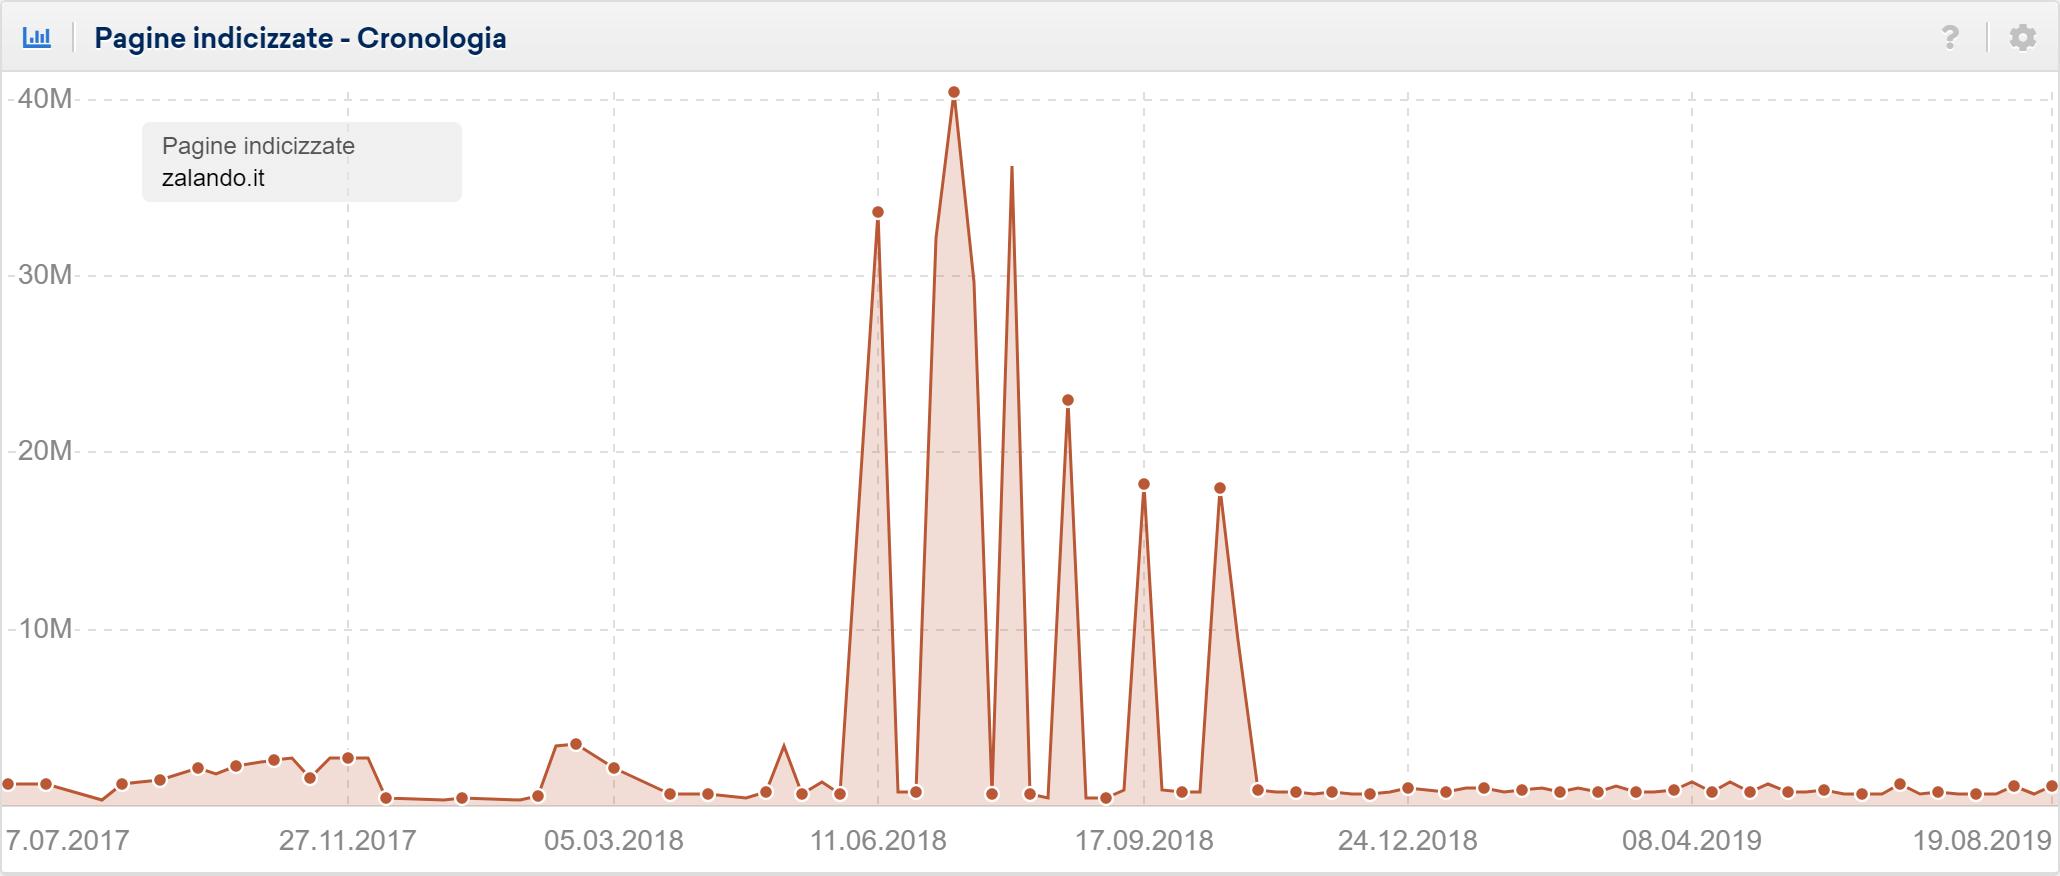 Toolbox SISTRIX: pagine indicizzate di zalando.it. Quantità instabile.